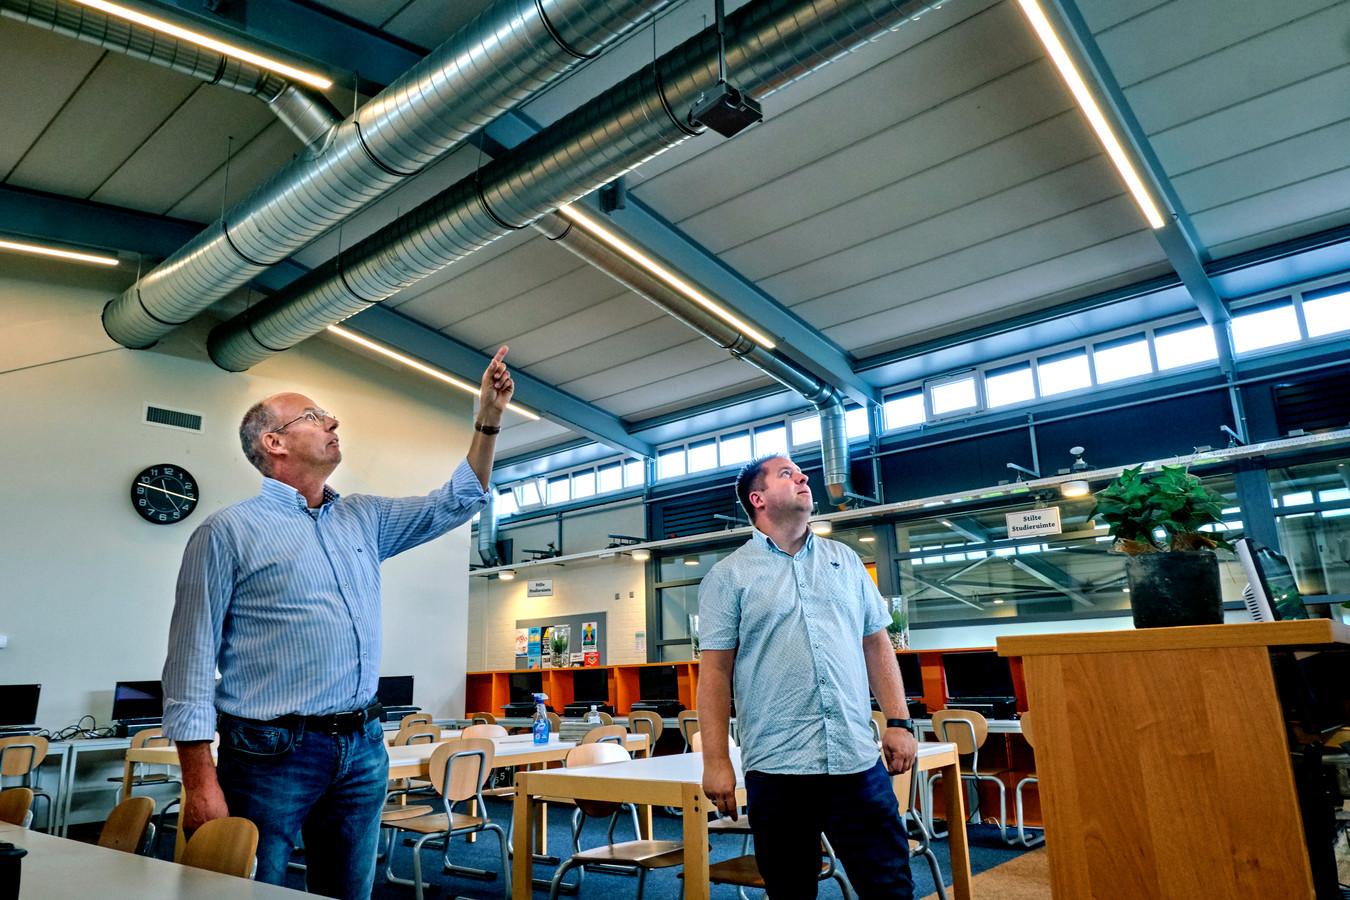 Conciërge Jan Buizer en Robèrt van der Meijden van Valtos Architecten checken het nieuwe klimaatbeheersingssysteem in het Hoeksch Lyceum.